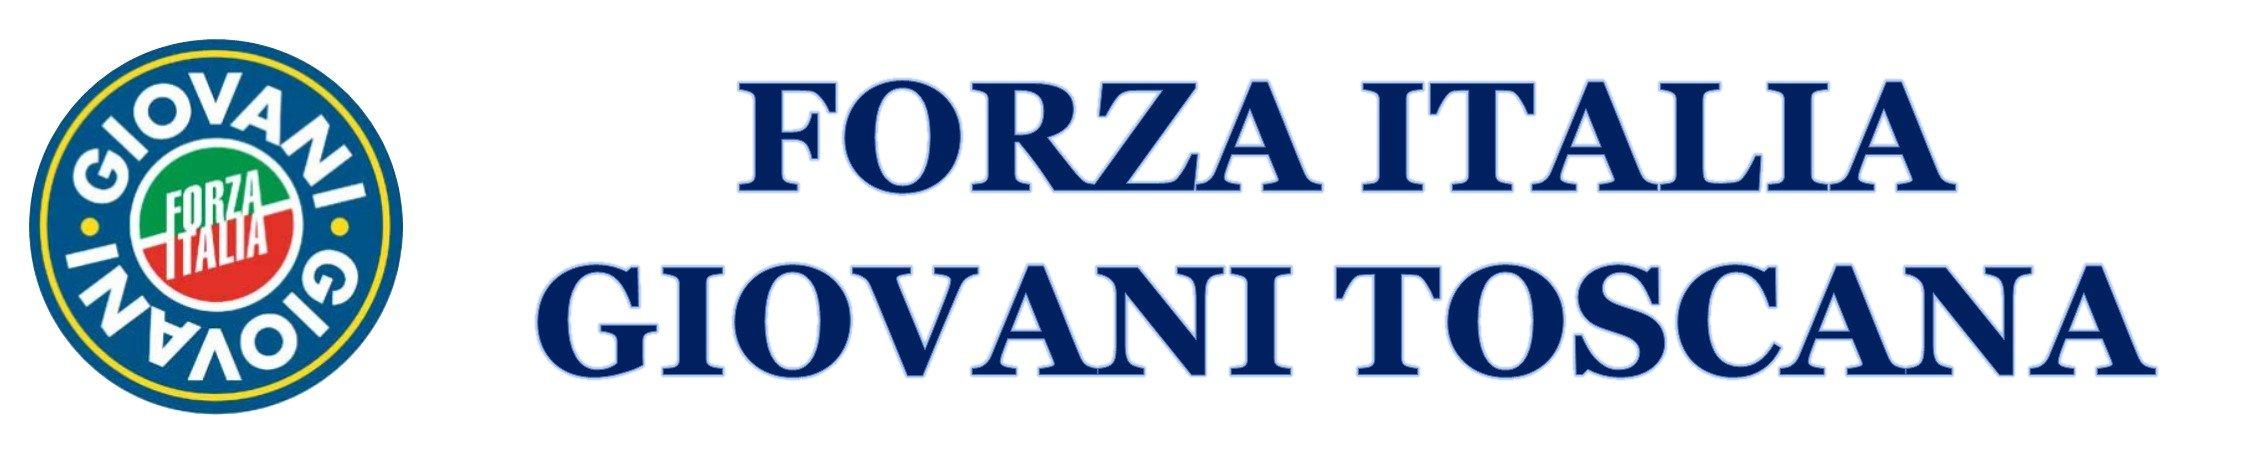 Forza Italia Giovani Toscana